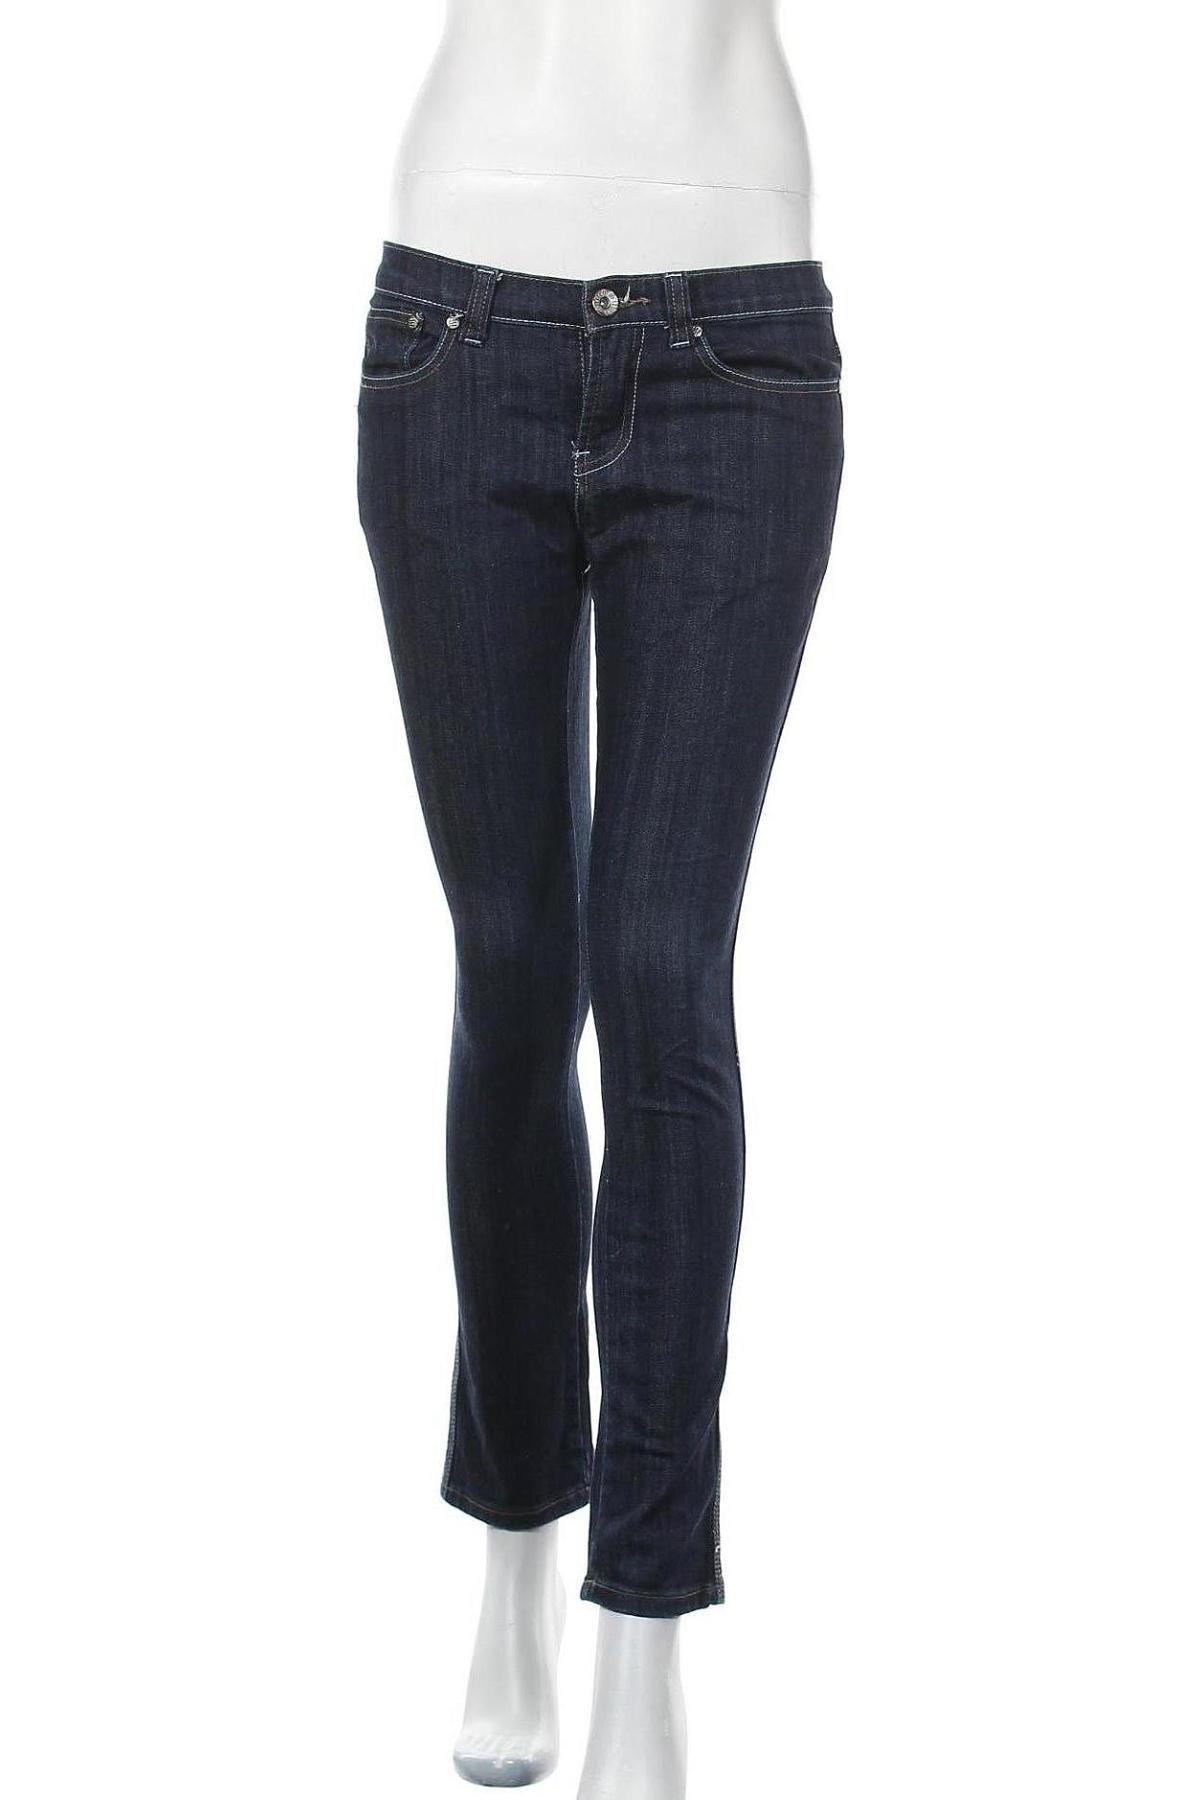 Дамски дънки Dorothy Perkins, Размер S, Цвят Син, 95% памук, 5% полиестер, Цена 6,30лв.